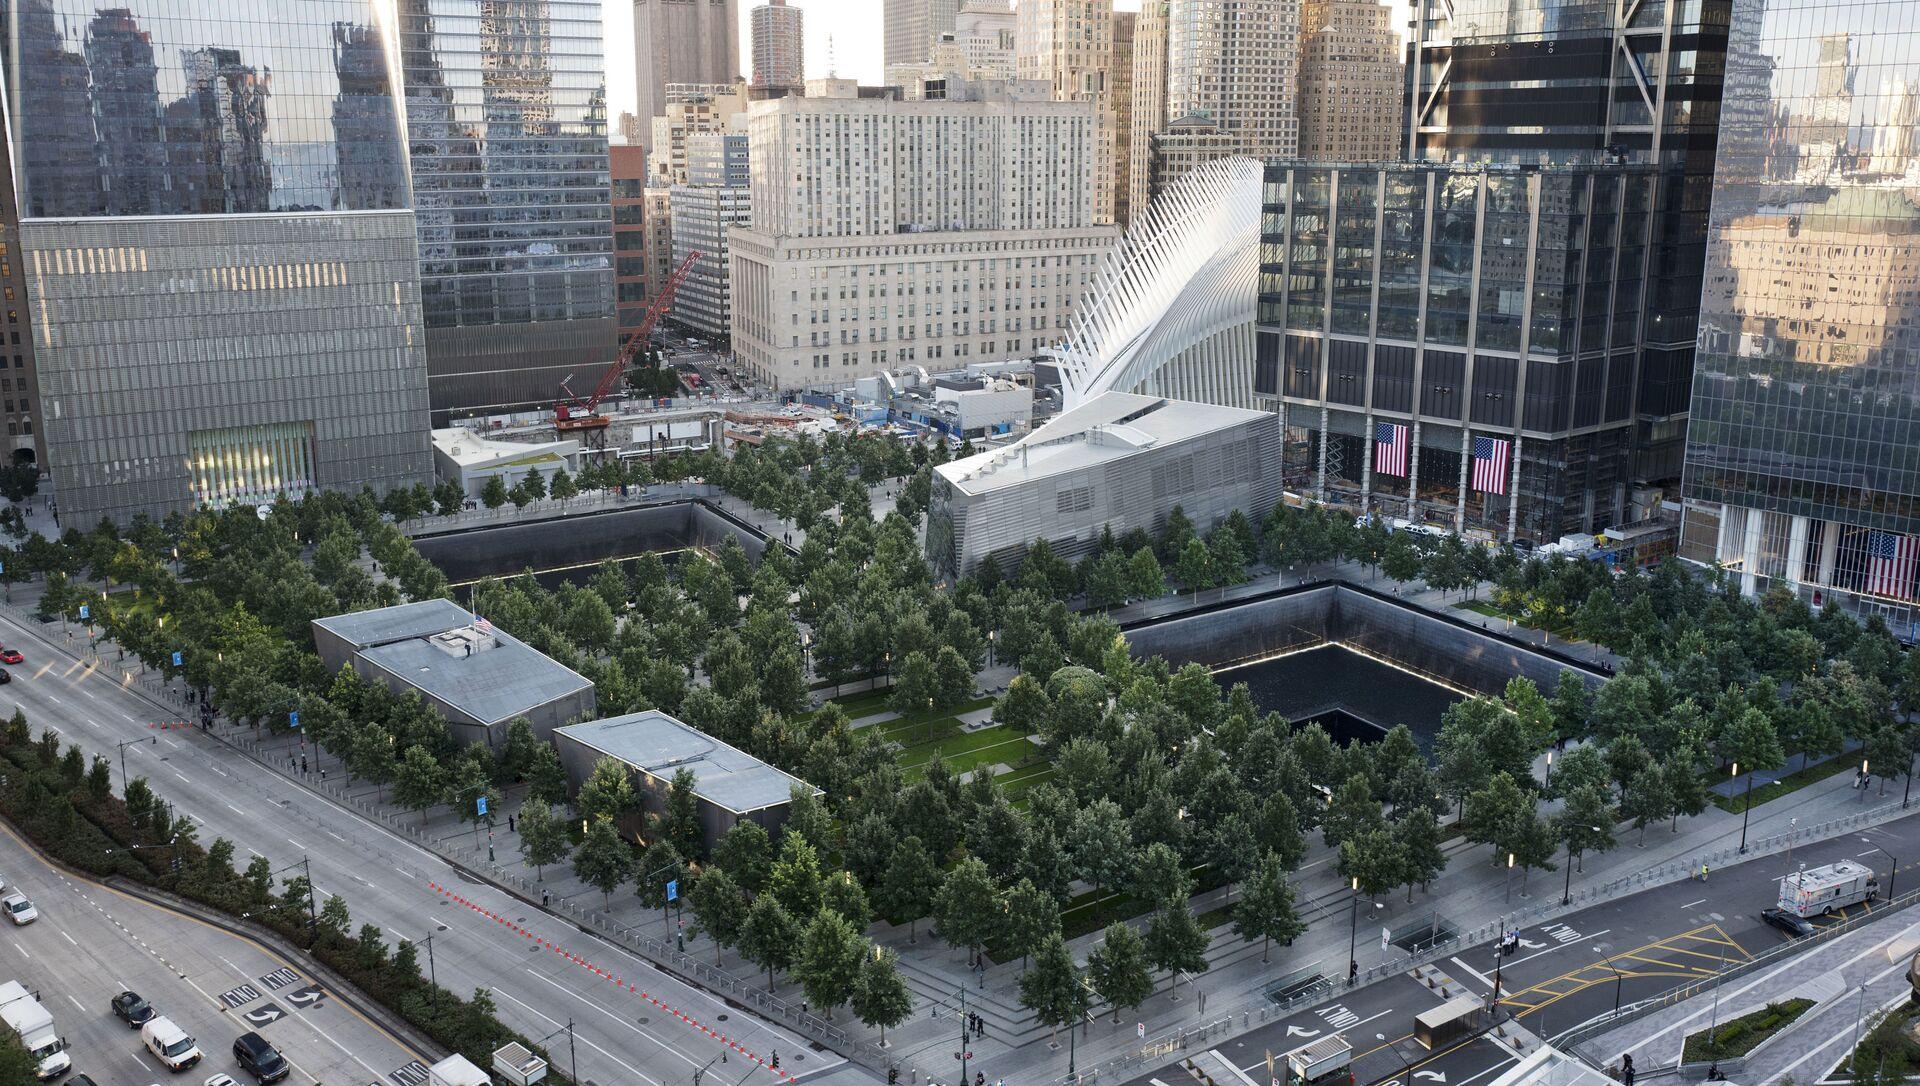 Le mémorial national en l'honneur des victimes du 11-Septembre à New York - Sputnik France, 1920, 10.09.2021